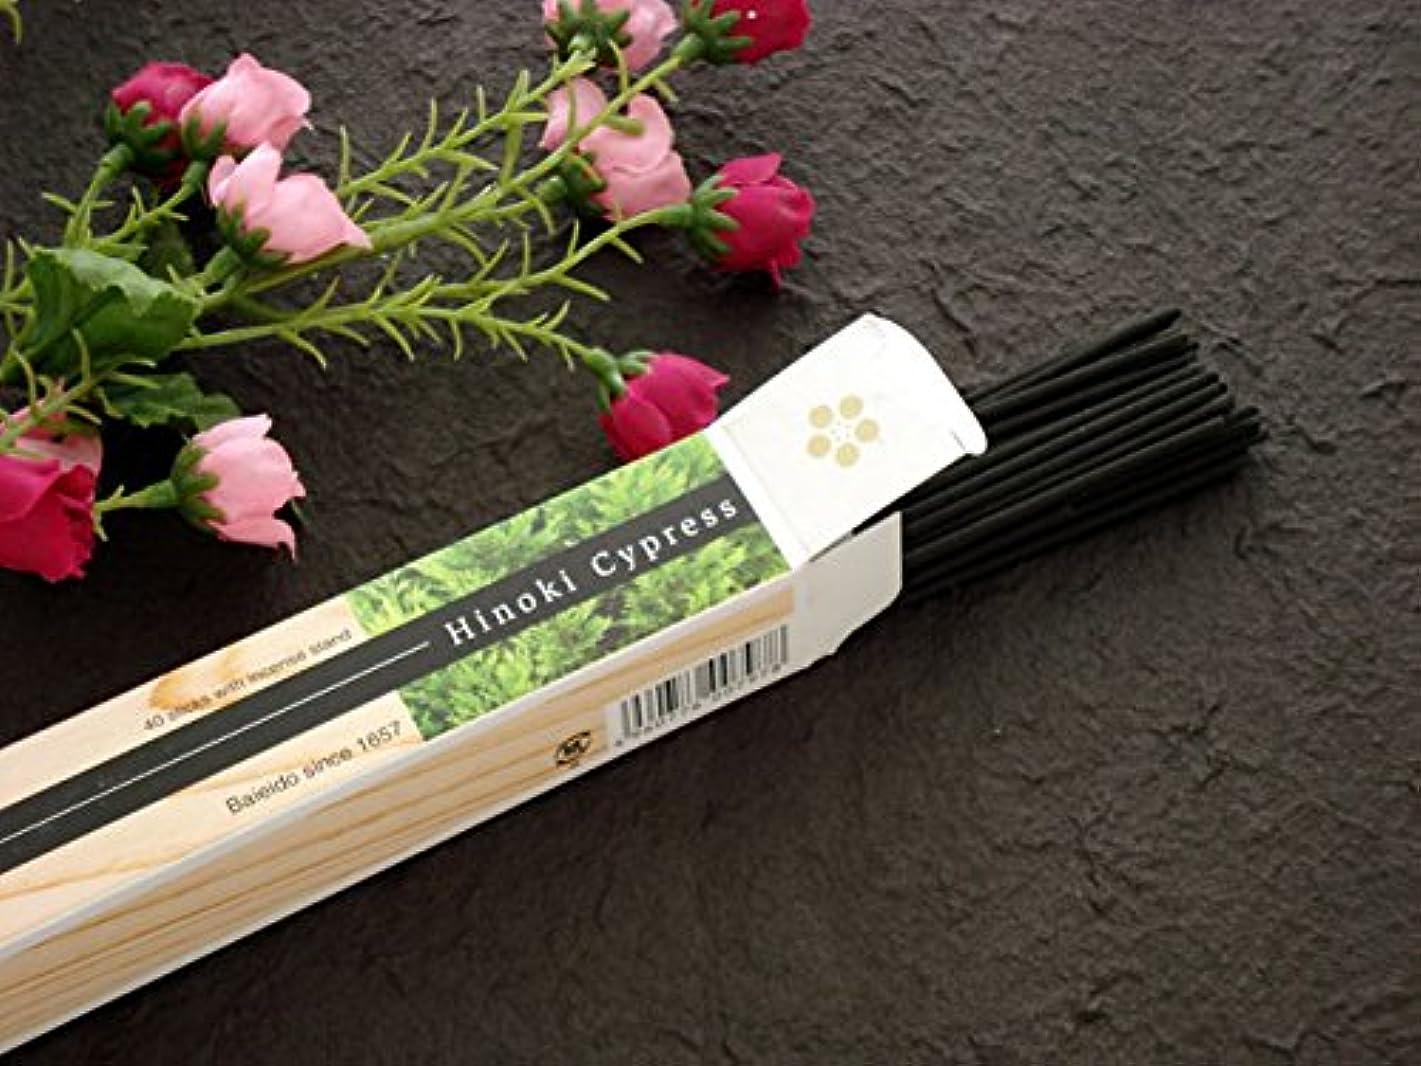 羨望扇動する定義する梅栄堂のお香 Hinoki Cypress (檜)